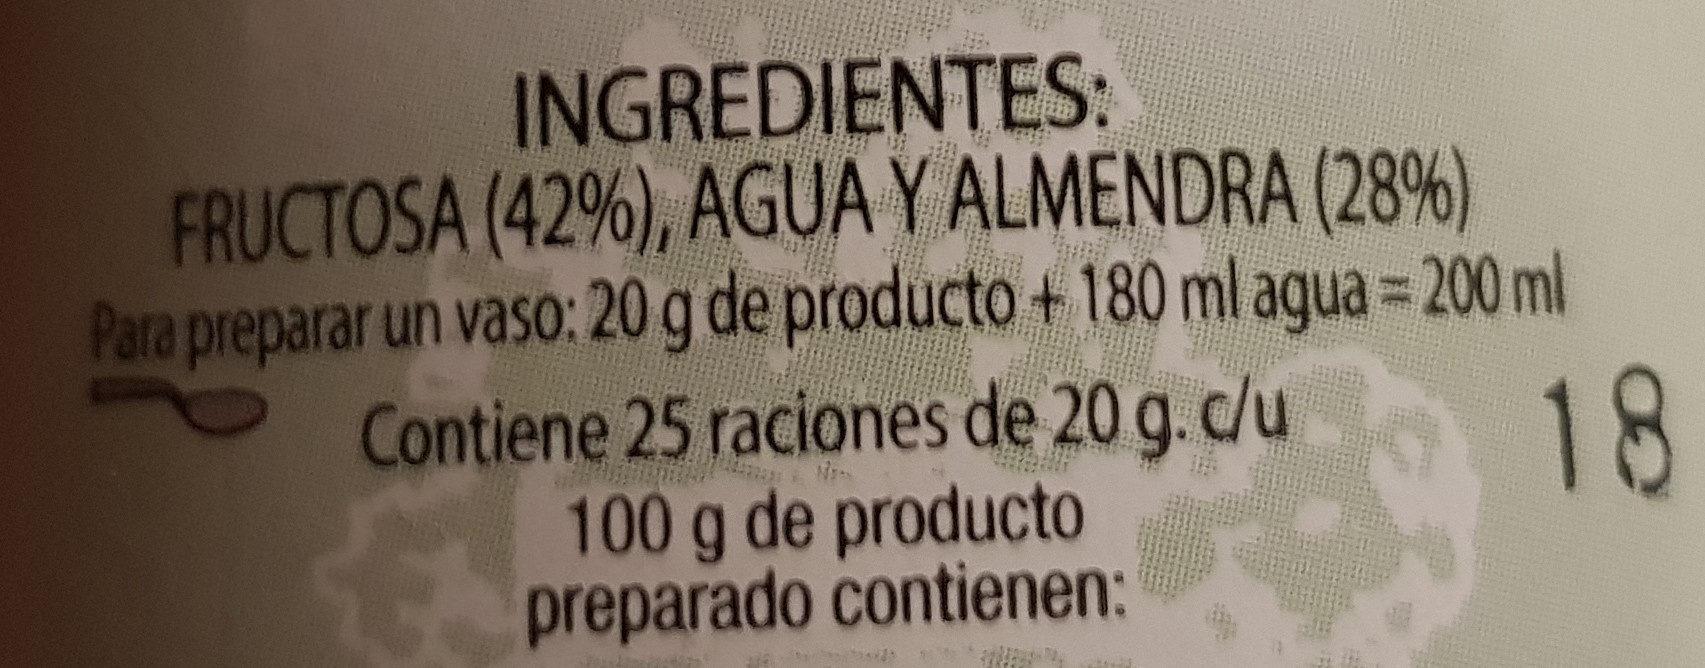 Crema de almendras con fructosa - Ingredientes